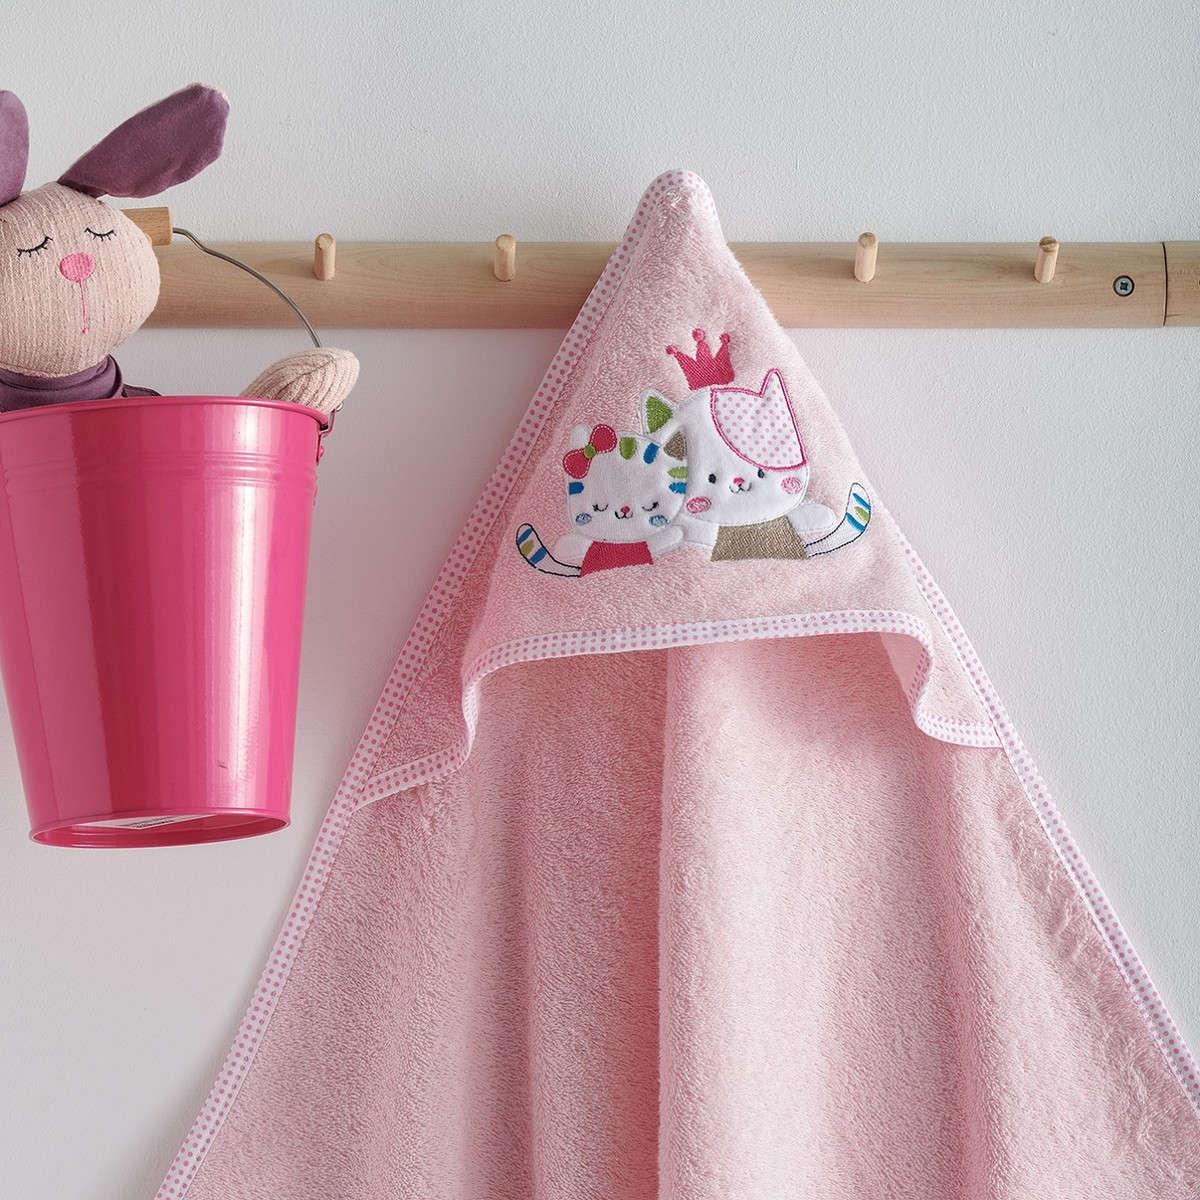 Κάπα Βεφική Με Κέντημα Gattino Pink Sb Home 0-2 ετών One Size